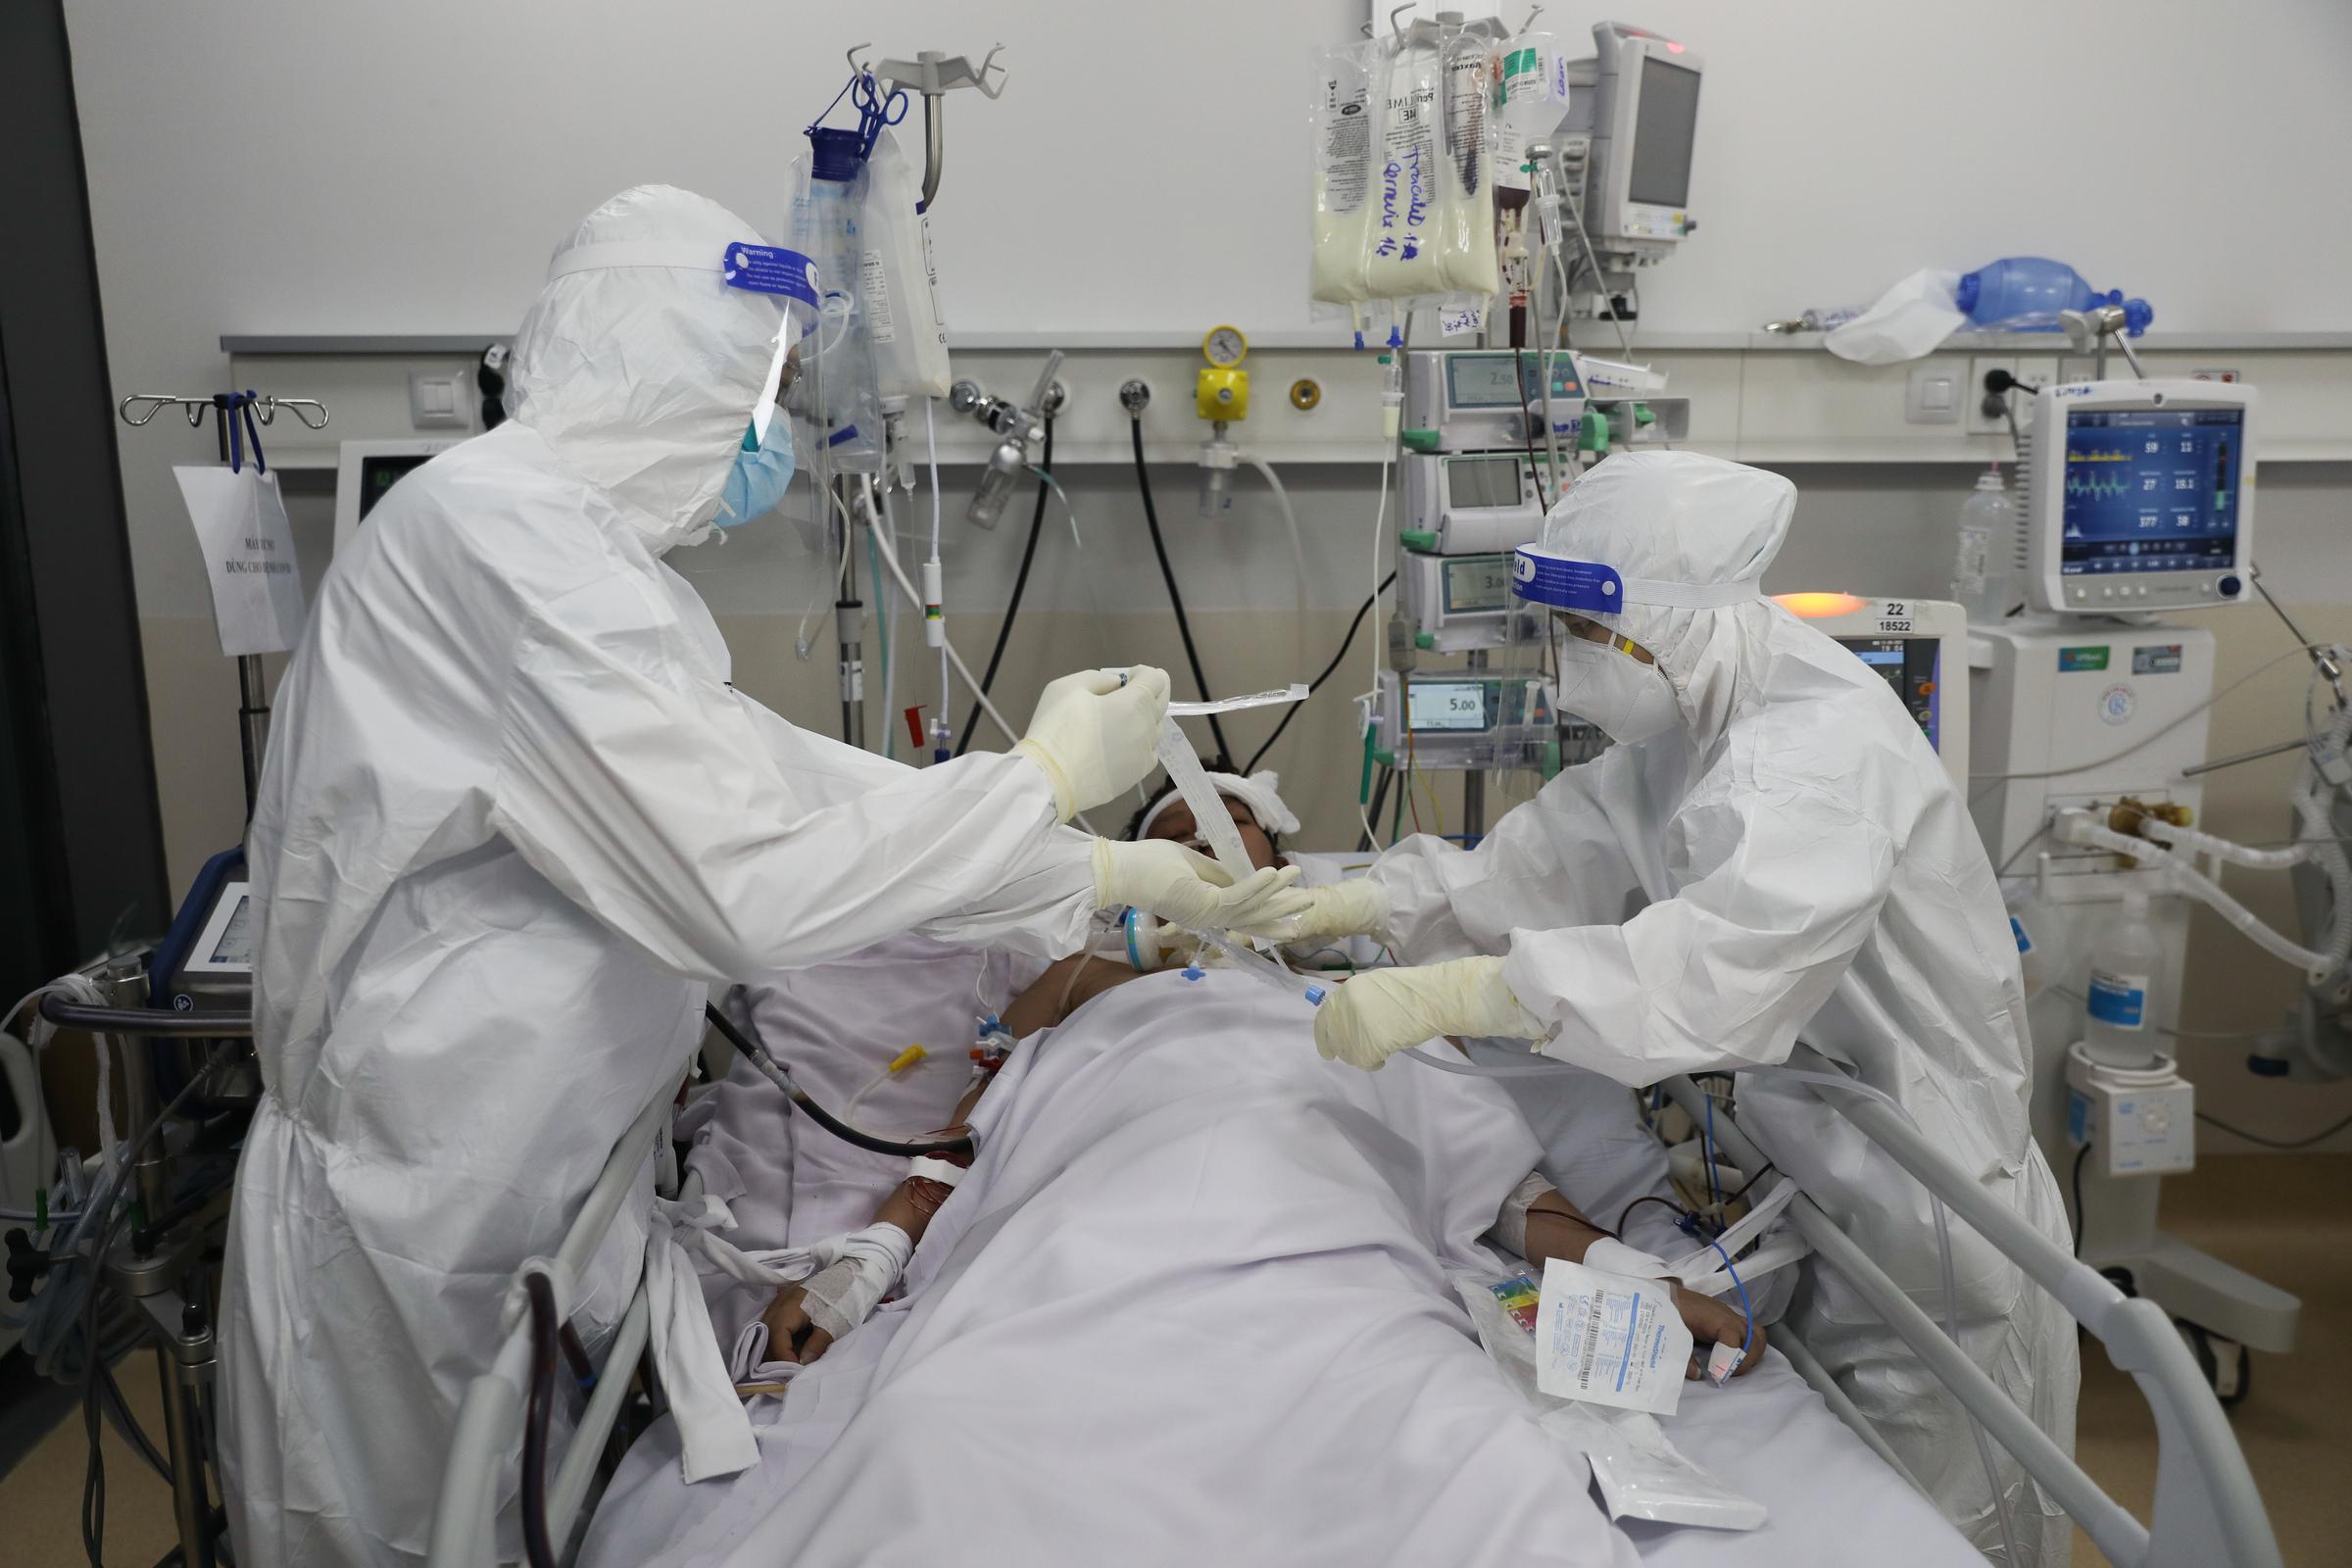 Bác sĩ điều trị, chăm sóc người mắc Covid-19 tại Trung tâm hồi sức Covid-19 ở Bệnh viện Ưng Bướu TP HCM (TP Thủ Đức), ngày 13/9/2021. Ảnh: Quỳnh Trần/VnExpress